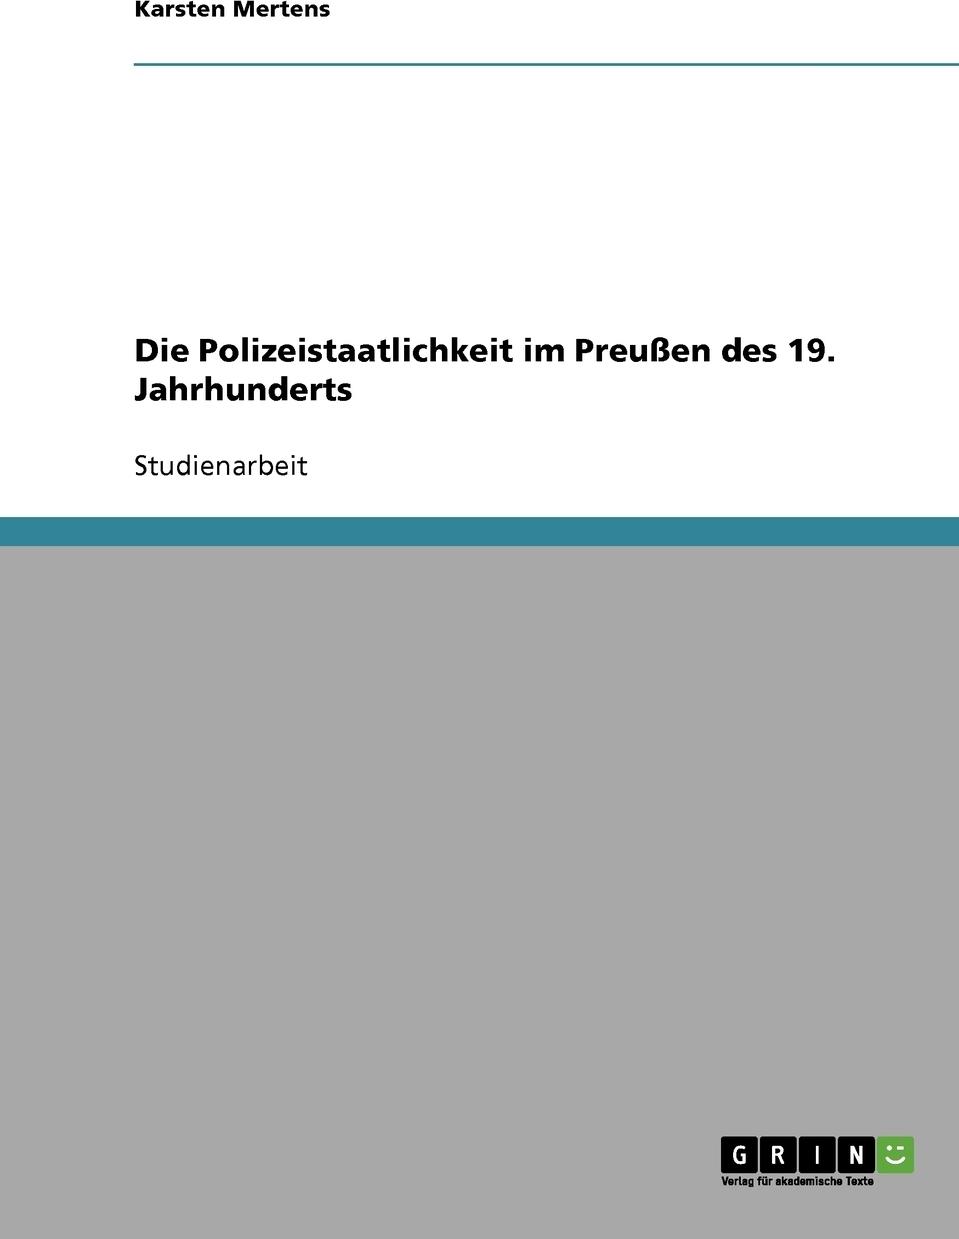 Die Polizeistaatlichkeit im Preussen des 19. Jahrhunderts. Karsten Mertens